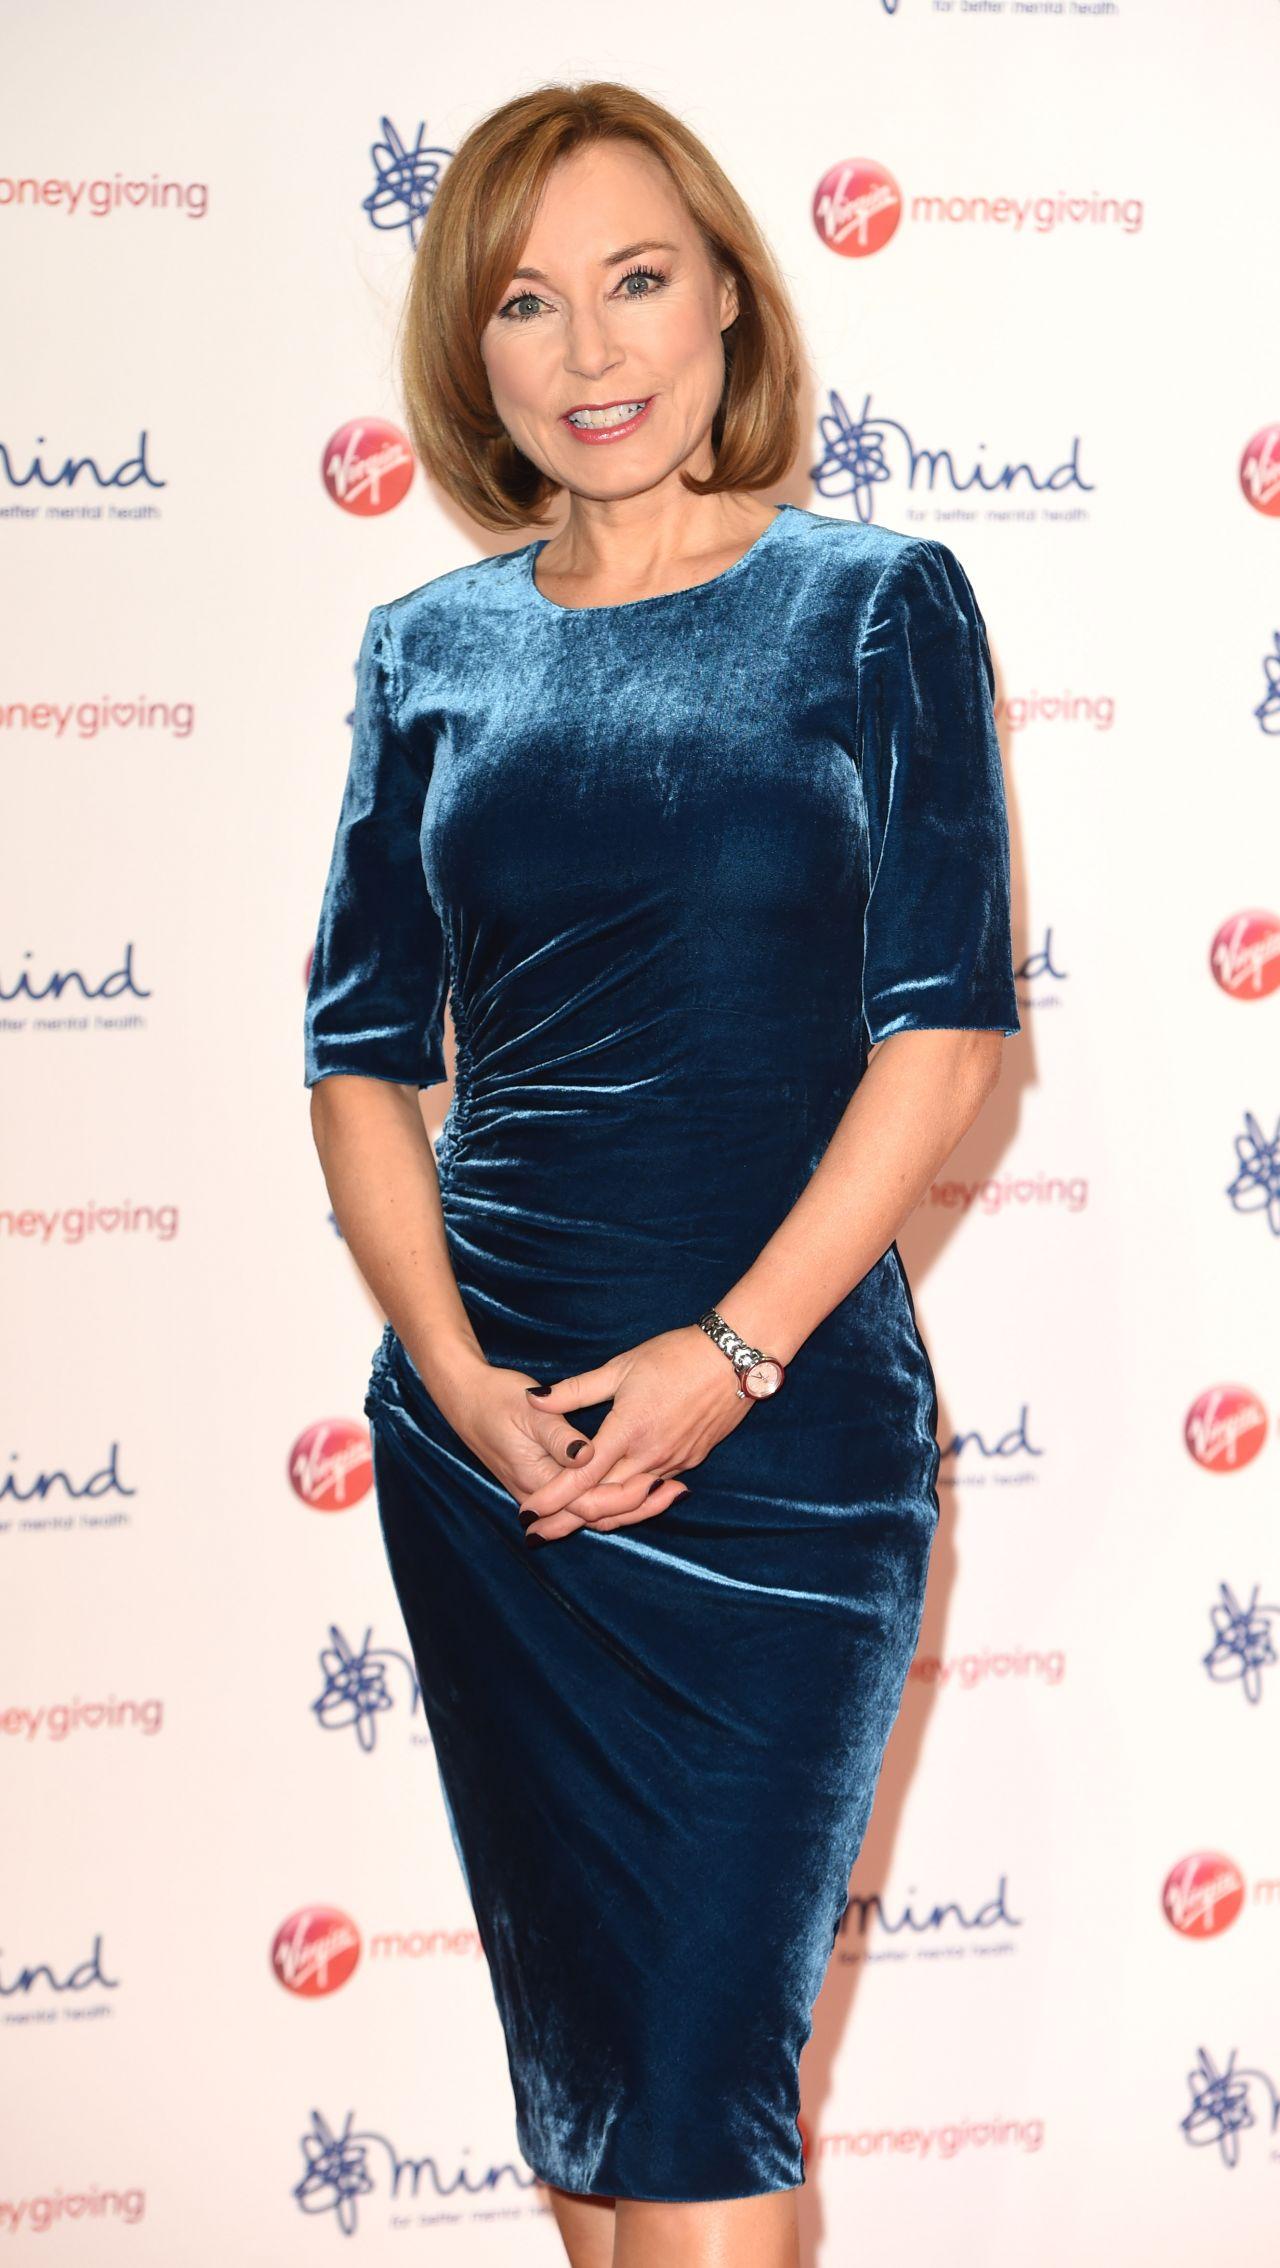 Sian Williams Virgin Money Giving Mind Media Awards 2017